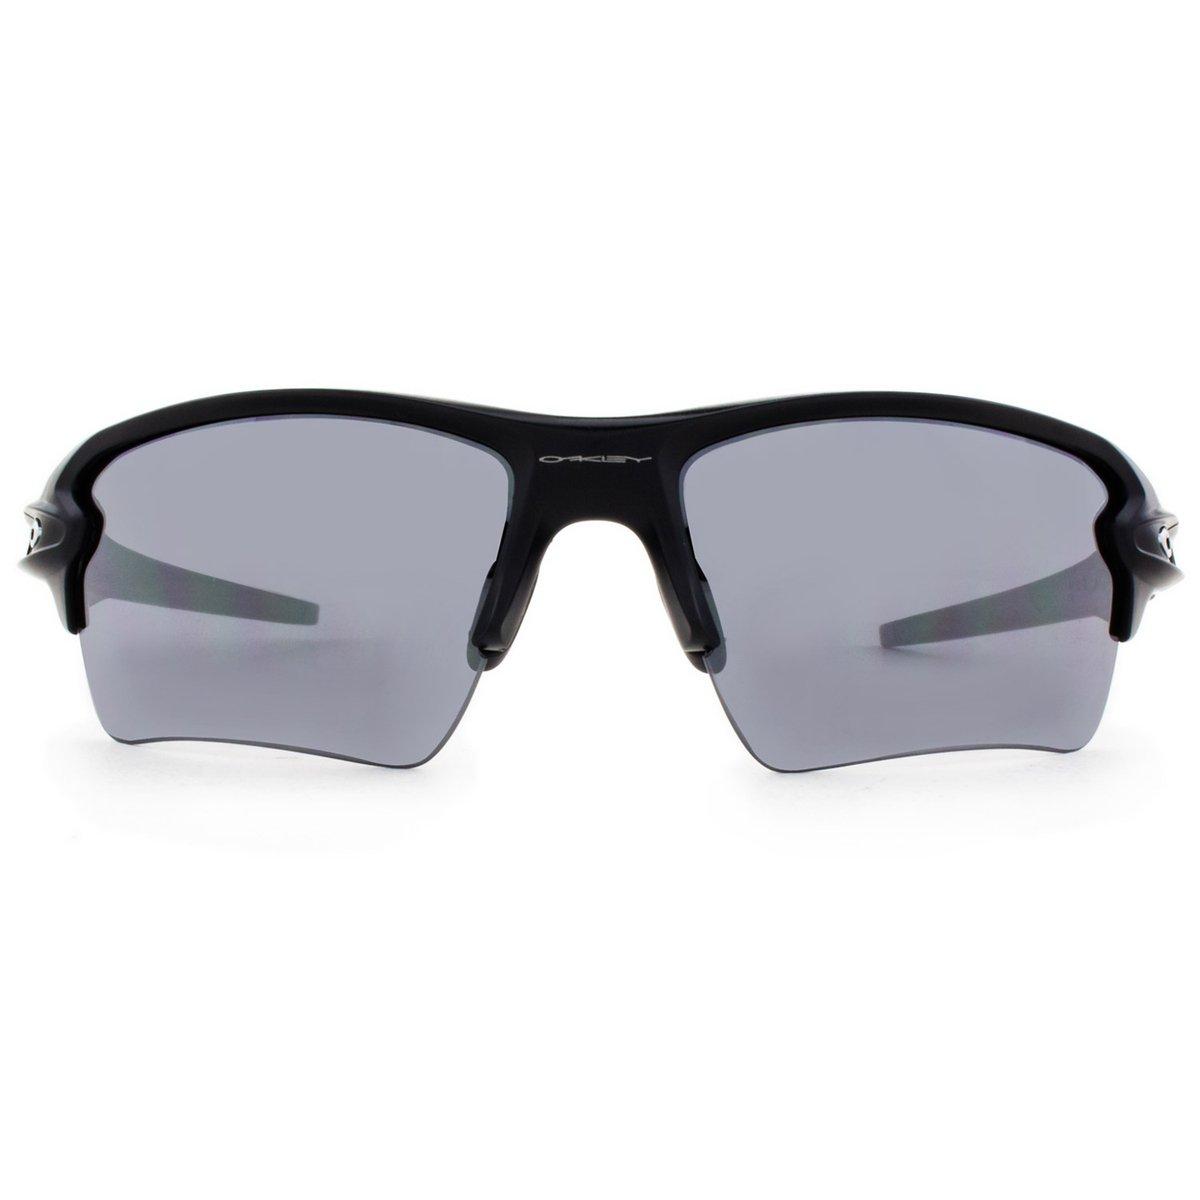 bd06c8d780fc2 Óculos de Sol Oakley Flak 2.0 XL OO9188 01-59 Masculino - Compre Agora